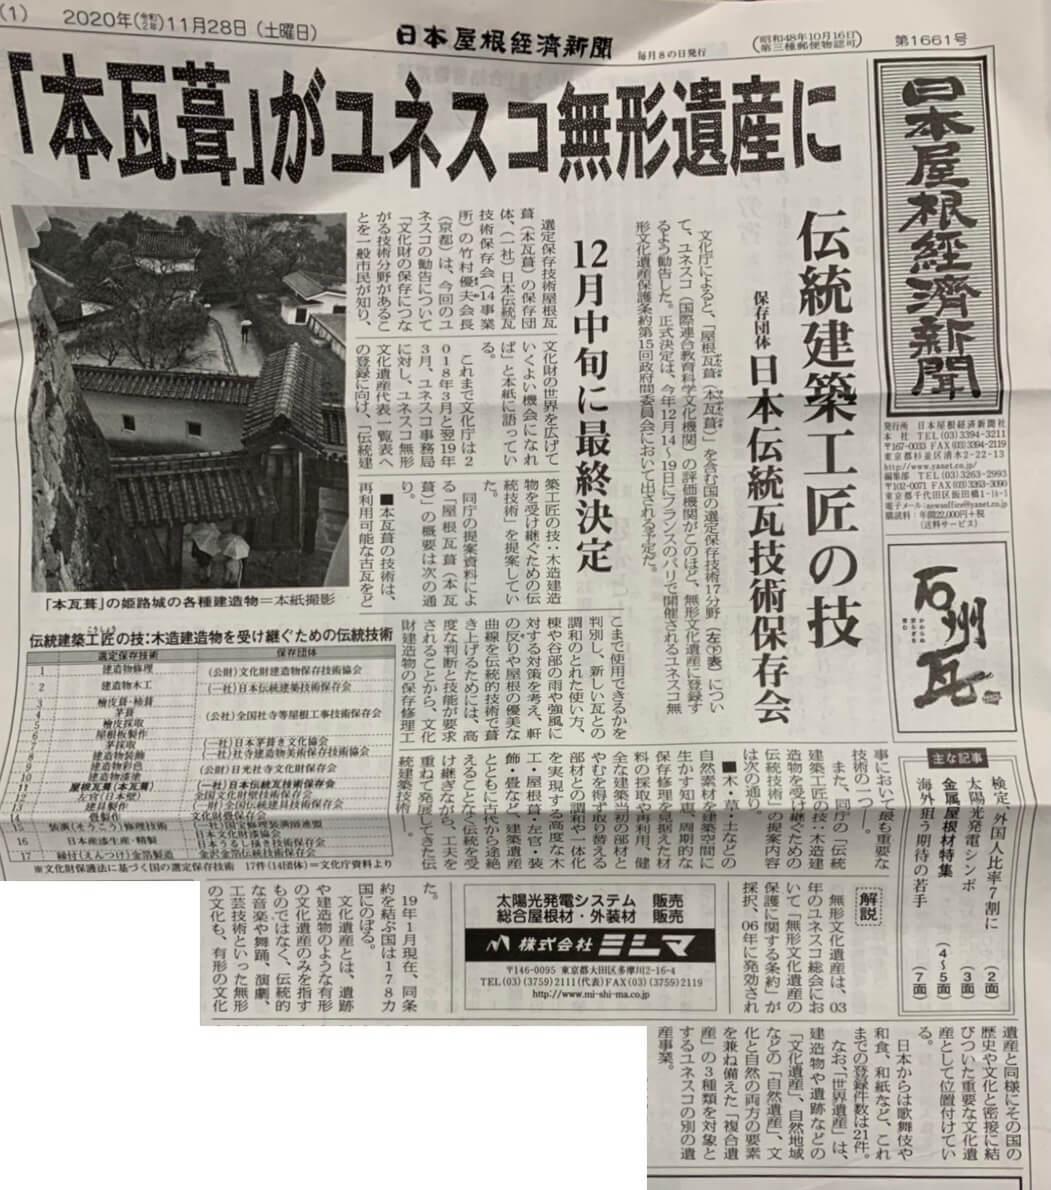 日本屋根経済新聞